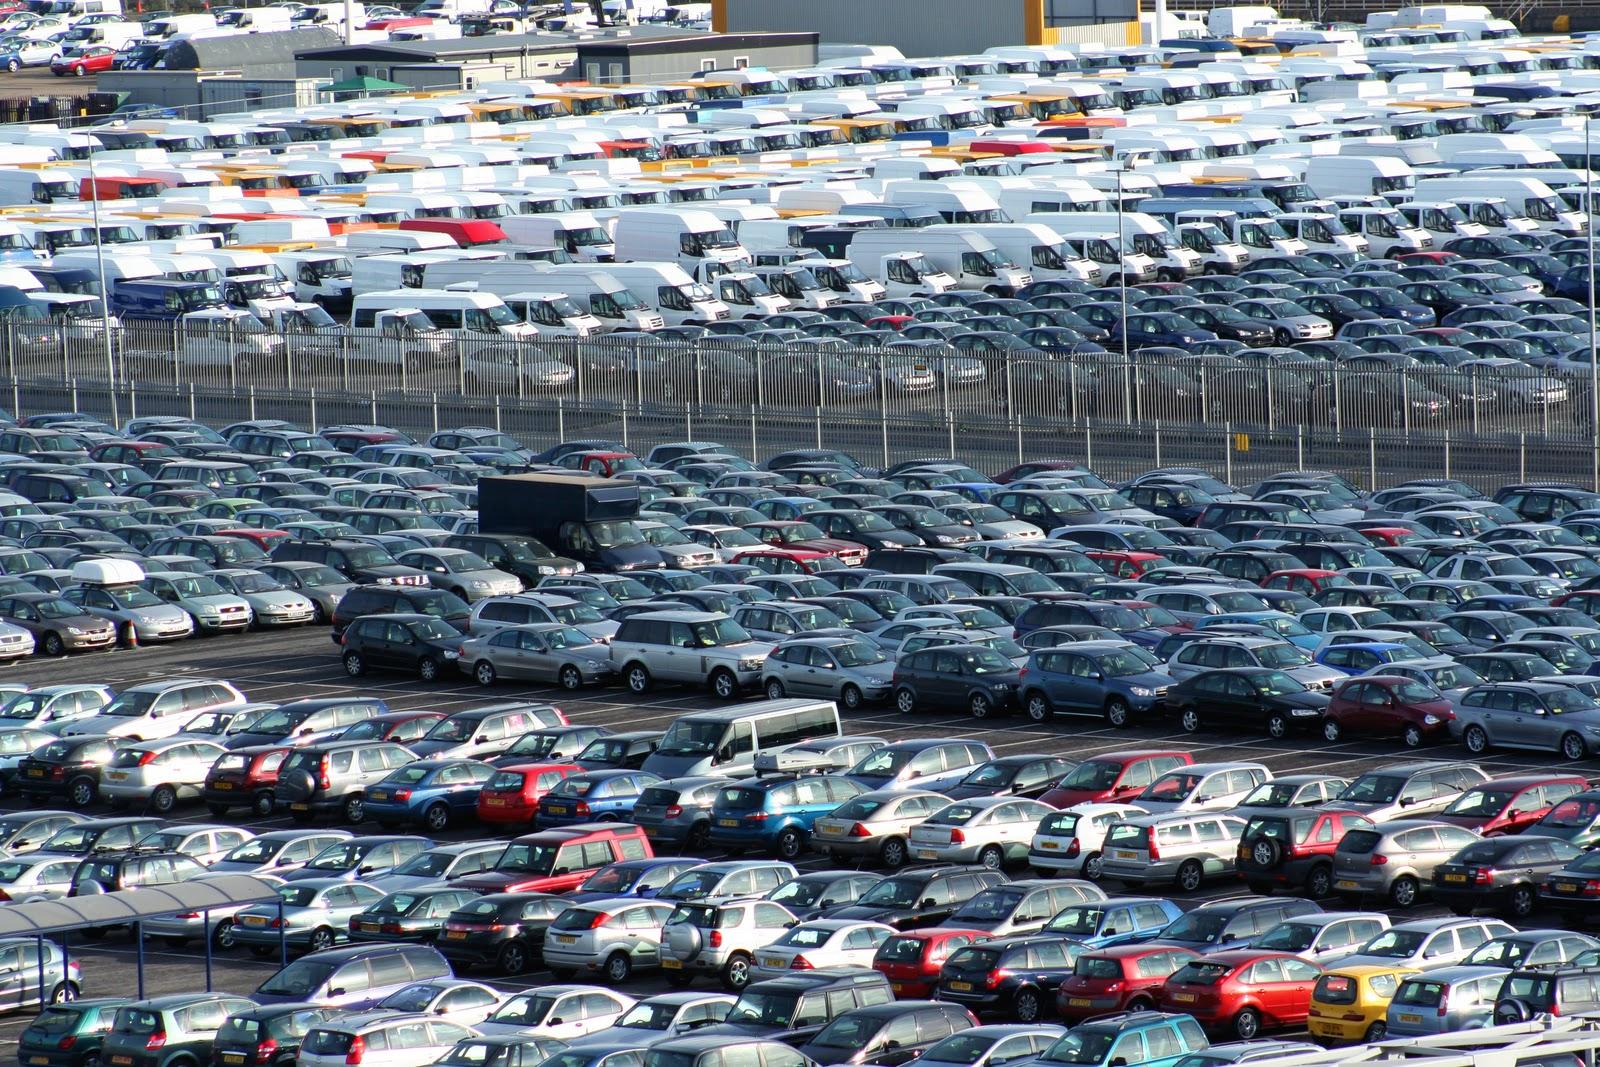 http://1.bp.blogspot.com/-WOcNjG6oif0/Ts0HnhhPK-I/AAAAAAAABB8/EXpNEAdnDTw/s1600/parking-lot2.jpg